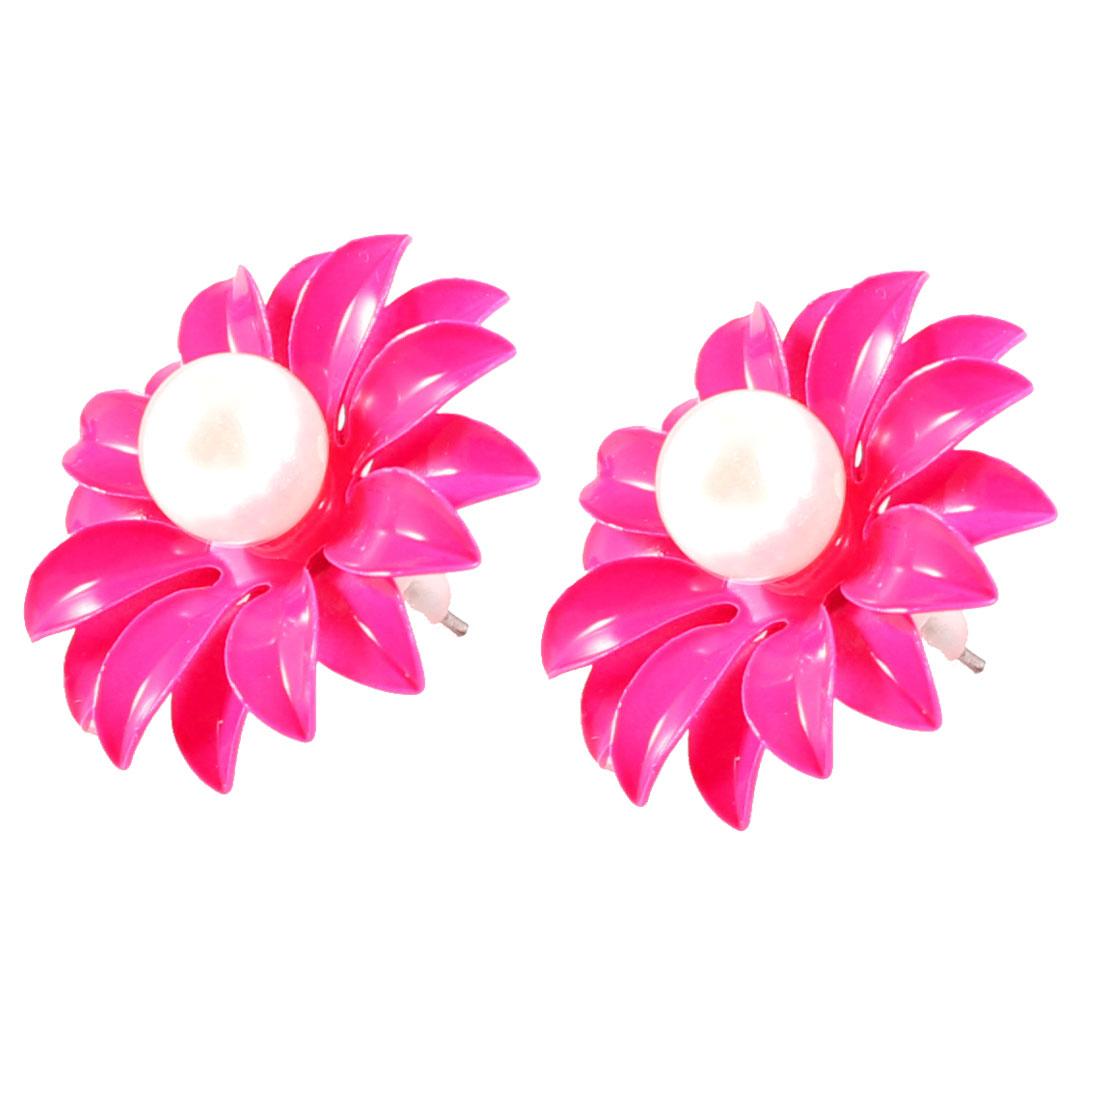 2 Pcs Fushia White Imitation pearl Design Studs Earrings for Ladies